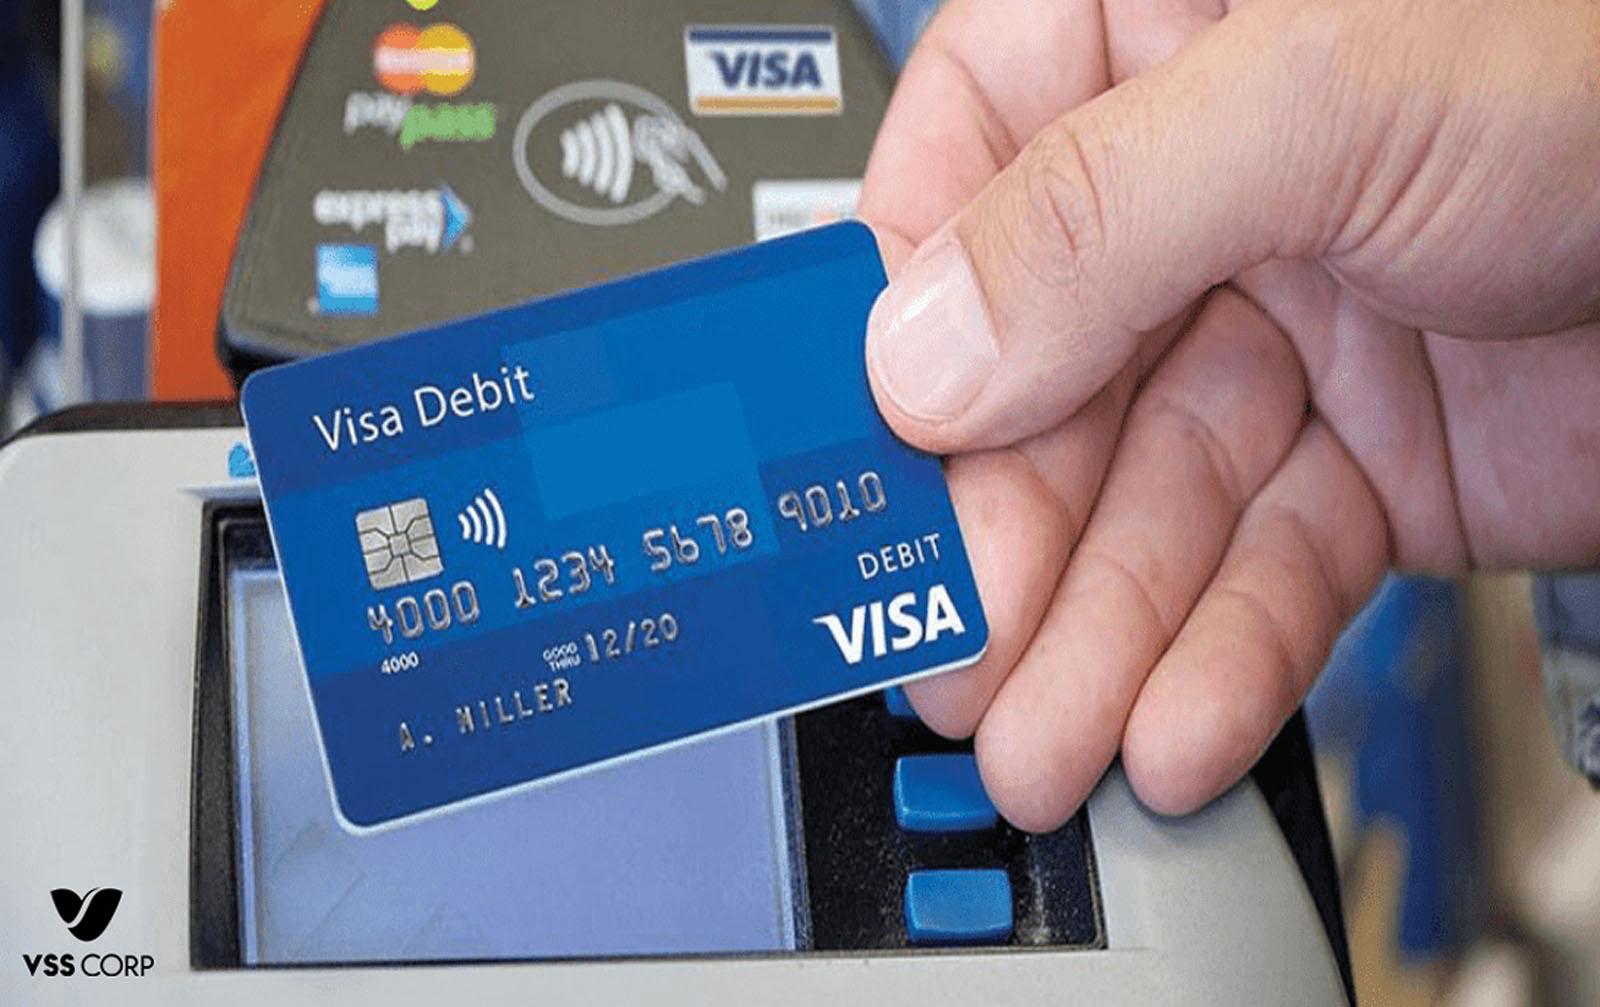 Visa Debit(thẻ ghi nợ quốc tế)